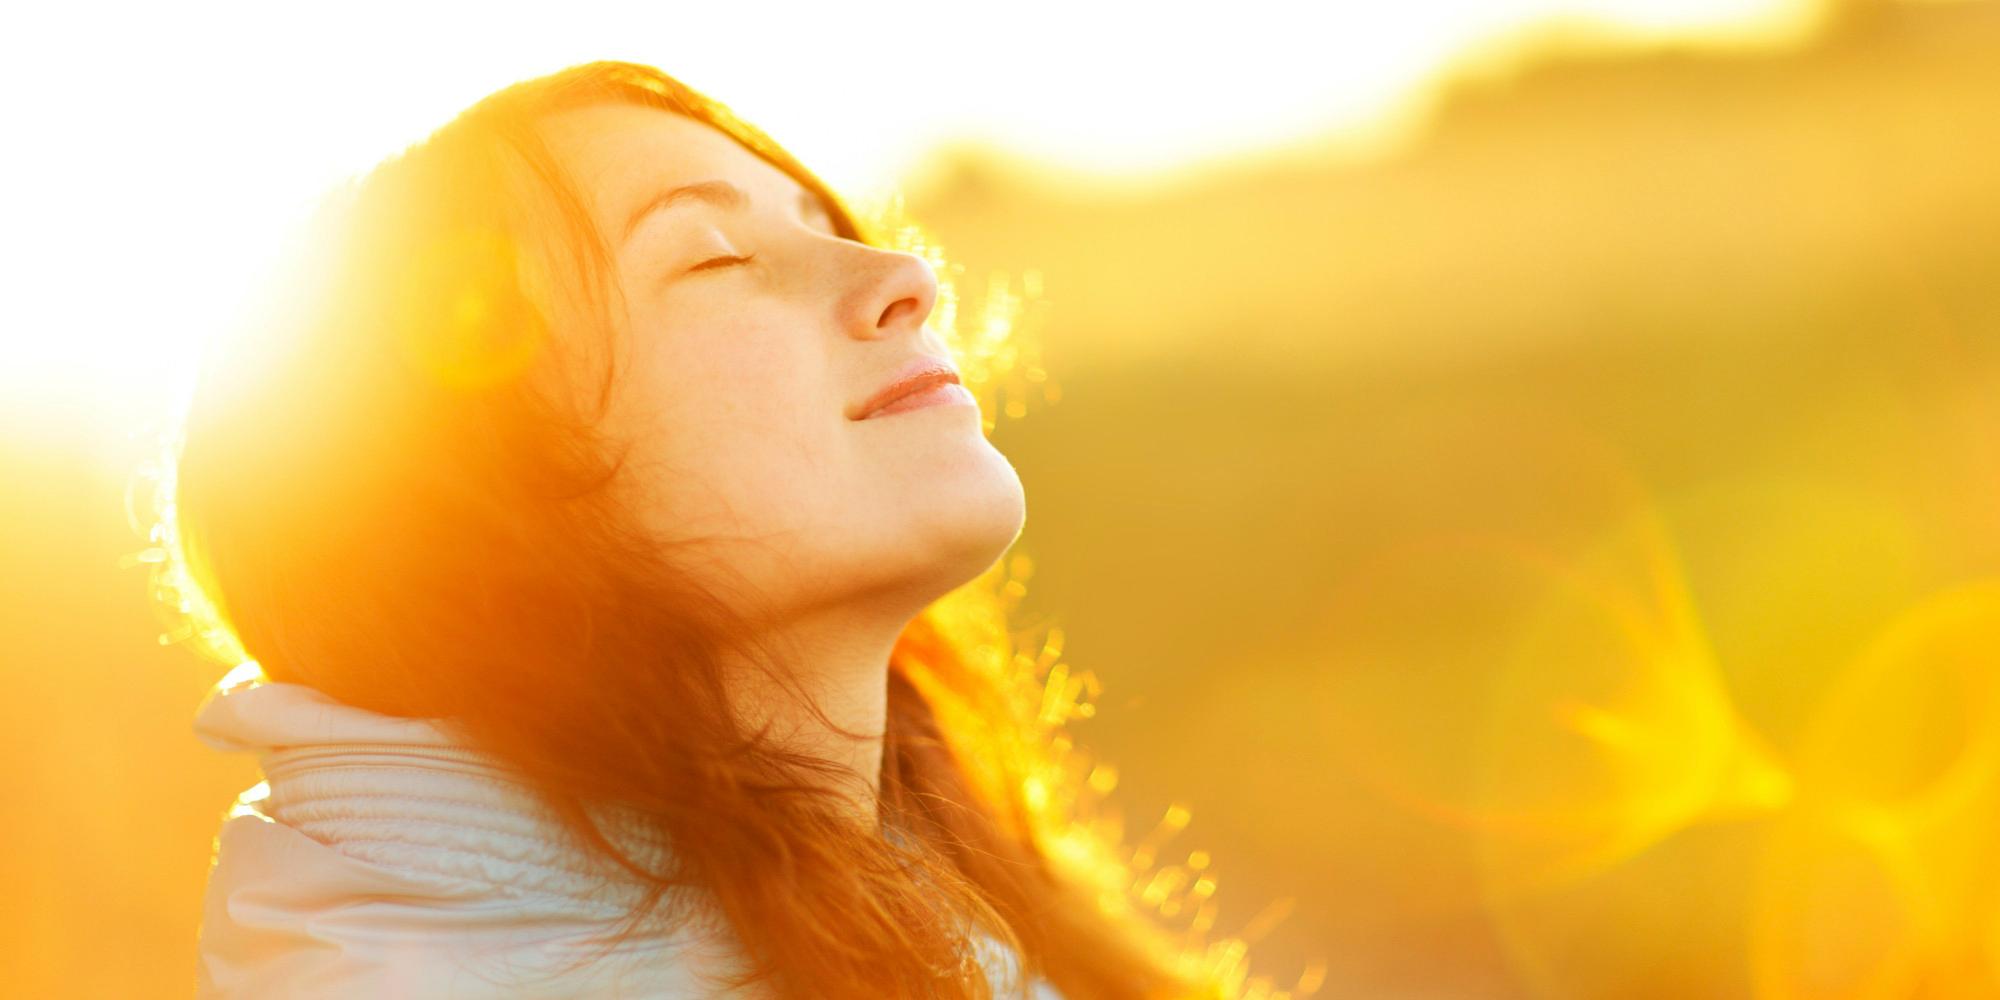 მარხვა შვებად და სიხარულად, კეთილ დღესასწაულად - ჭეშმარიტებისა და მშვიდობის სიყვარულით